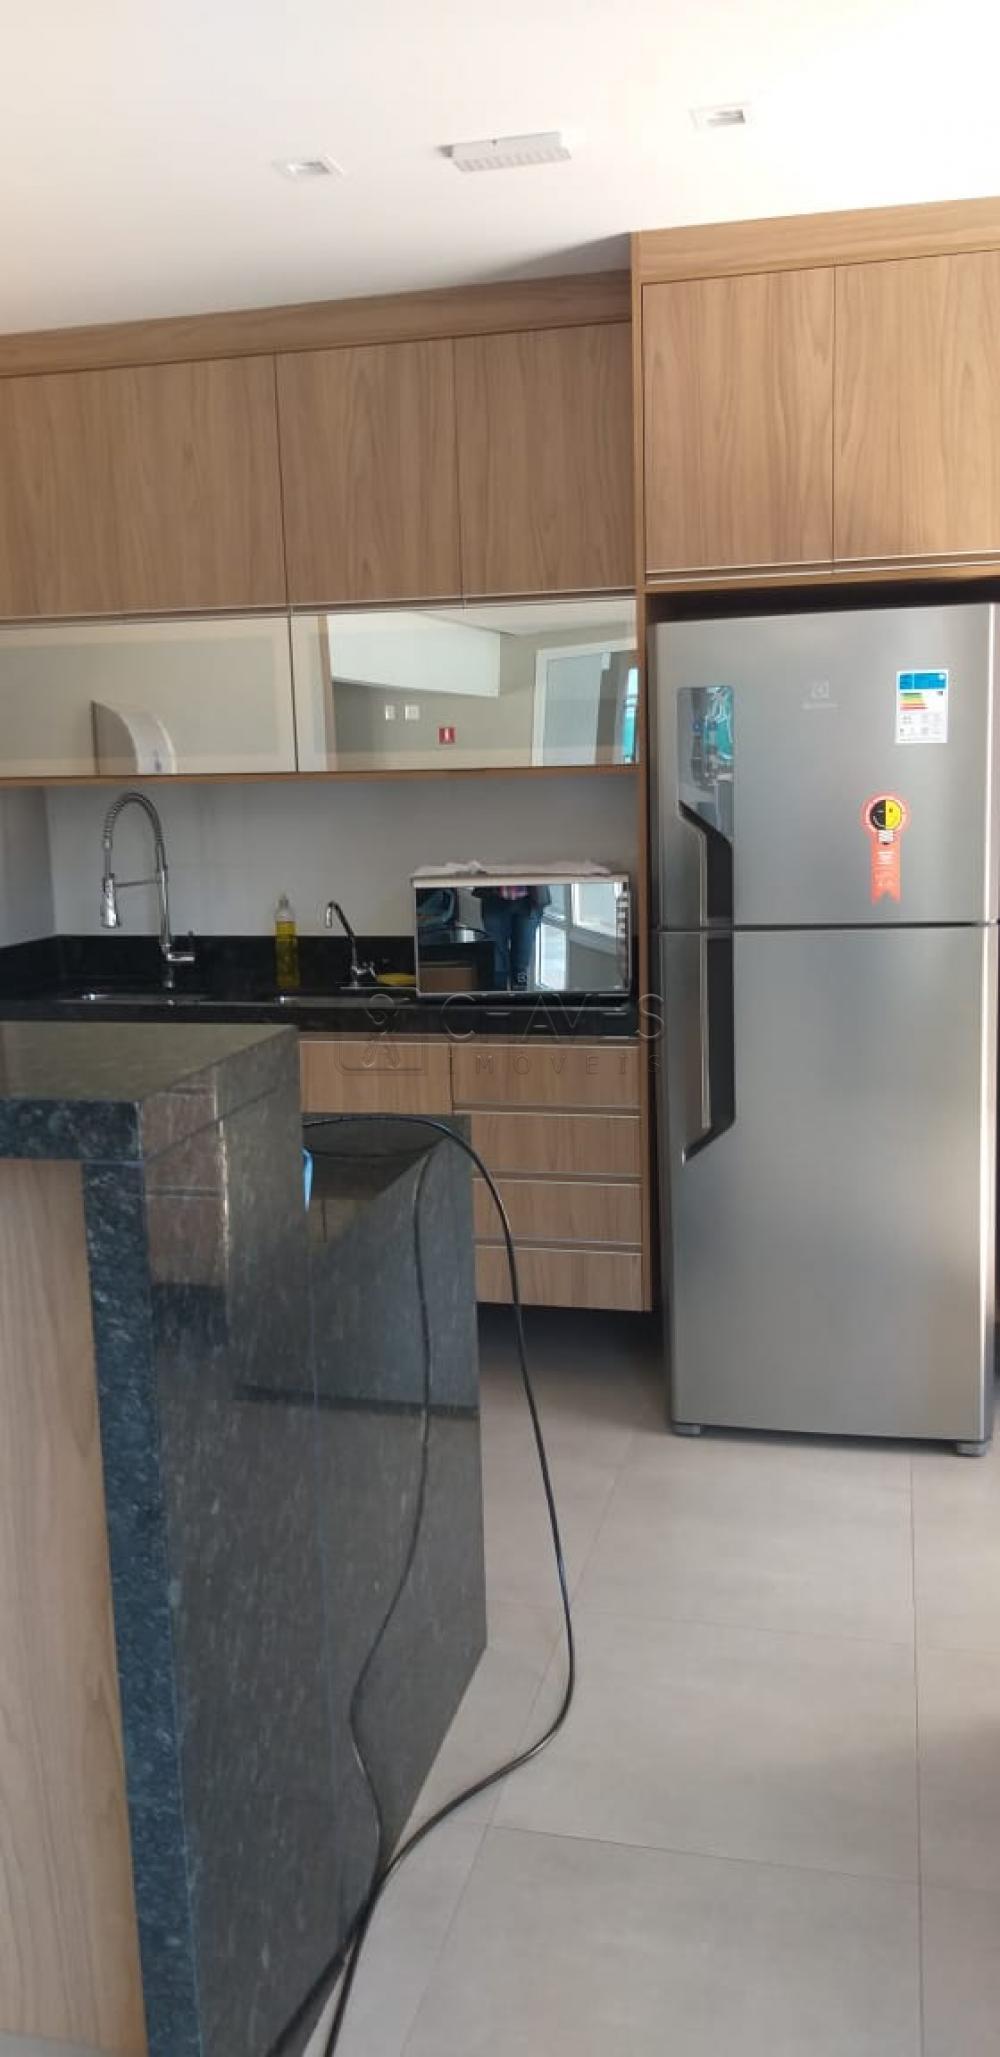 Comprar Apartamento / Cobertura em Ribeirão Preto R$ 1.319.000,00 - Foto 11